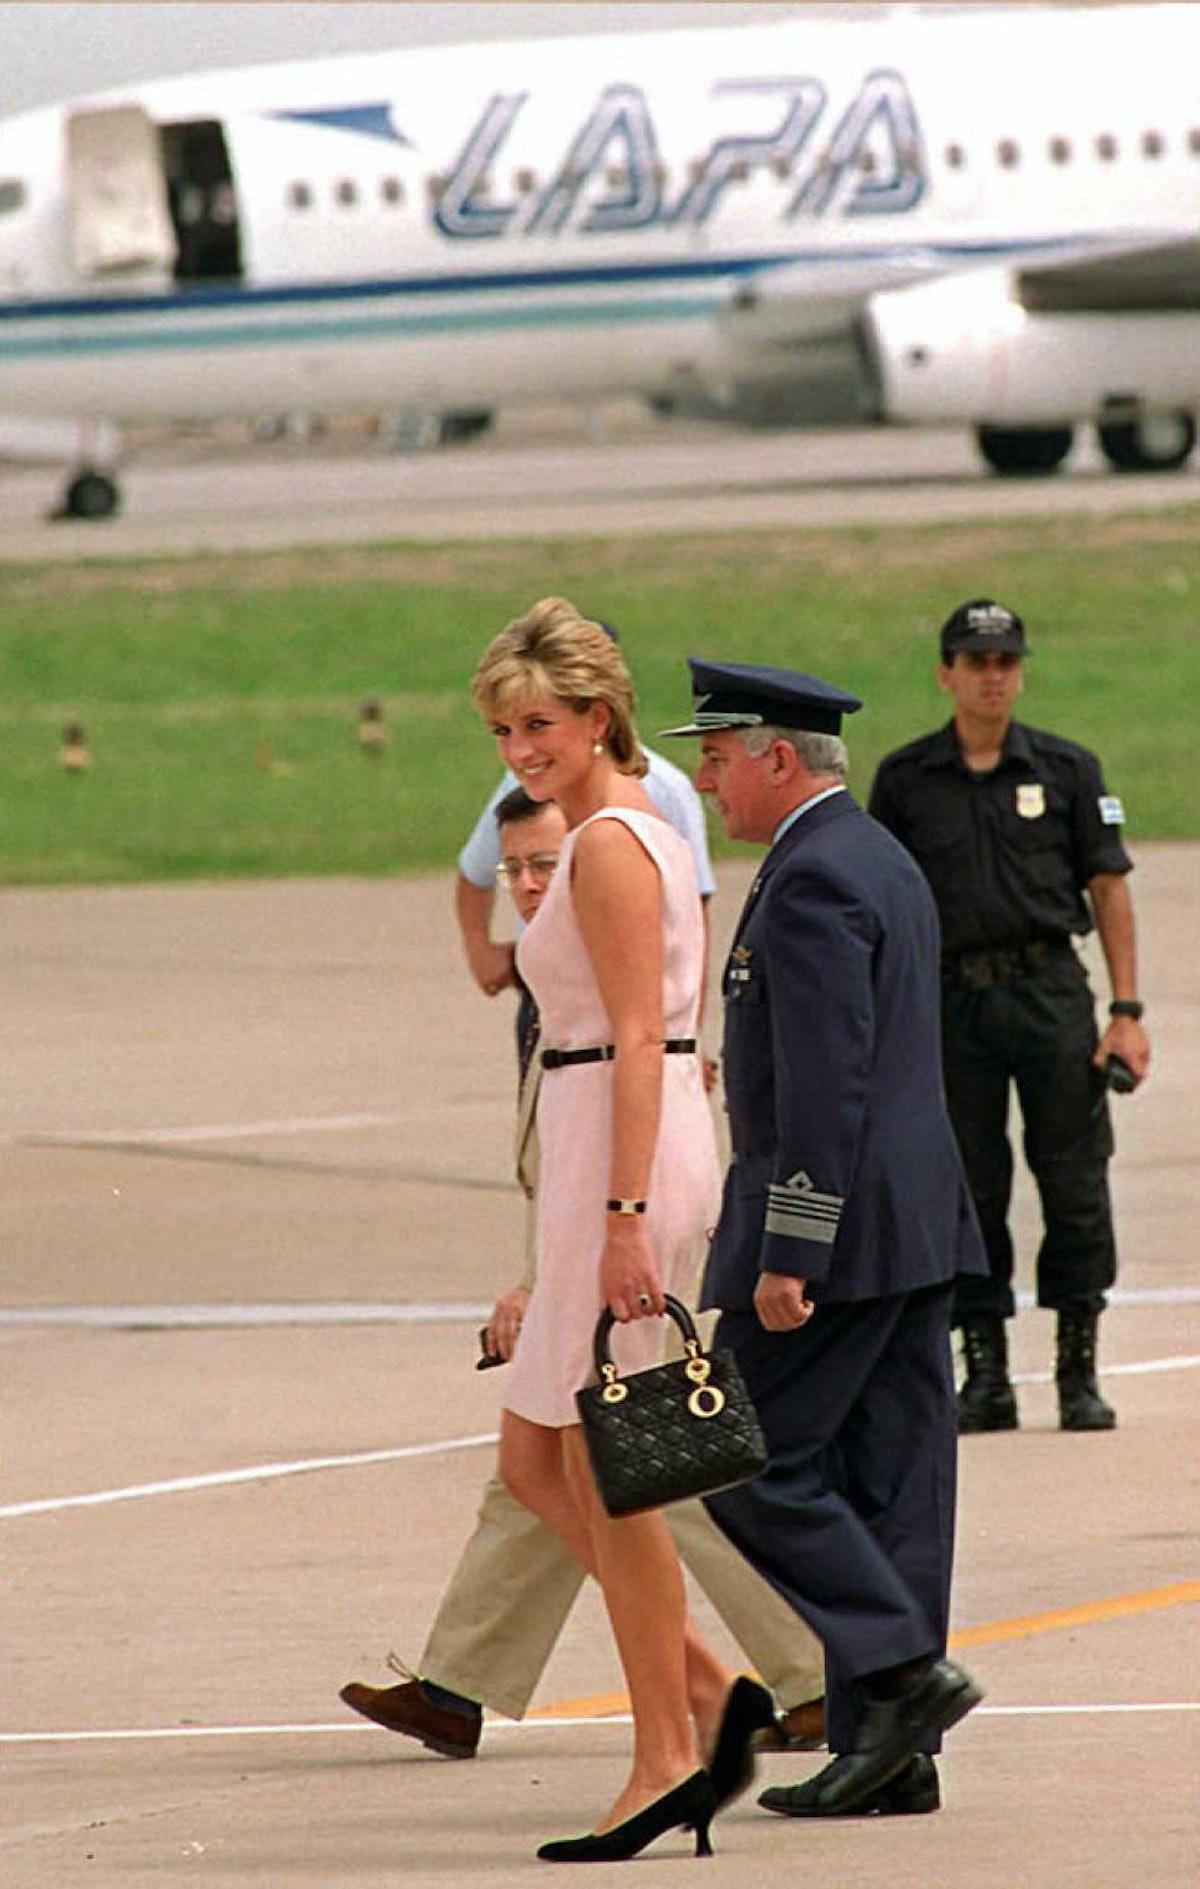 پرنسس ولز ، لیدی دیانا ، در 26 نوامبر هنگام حرکت با هلیکوپتر به روزنامه نگاران نگاه می کند ...